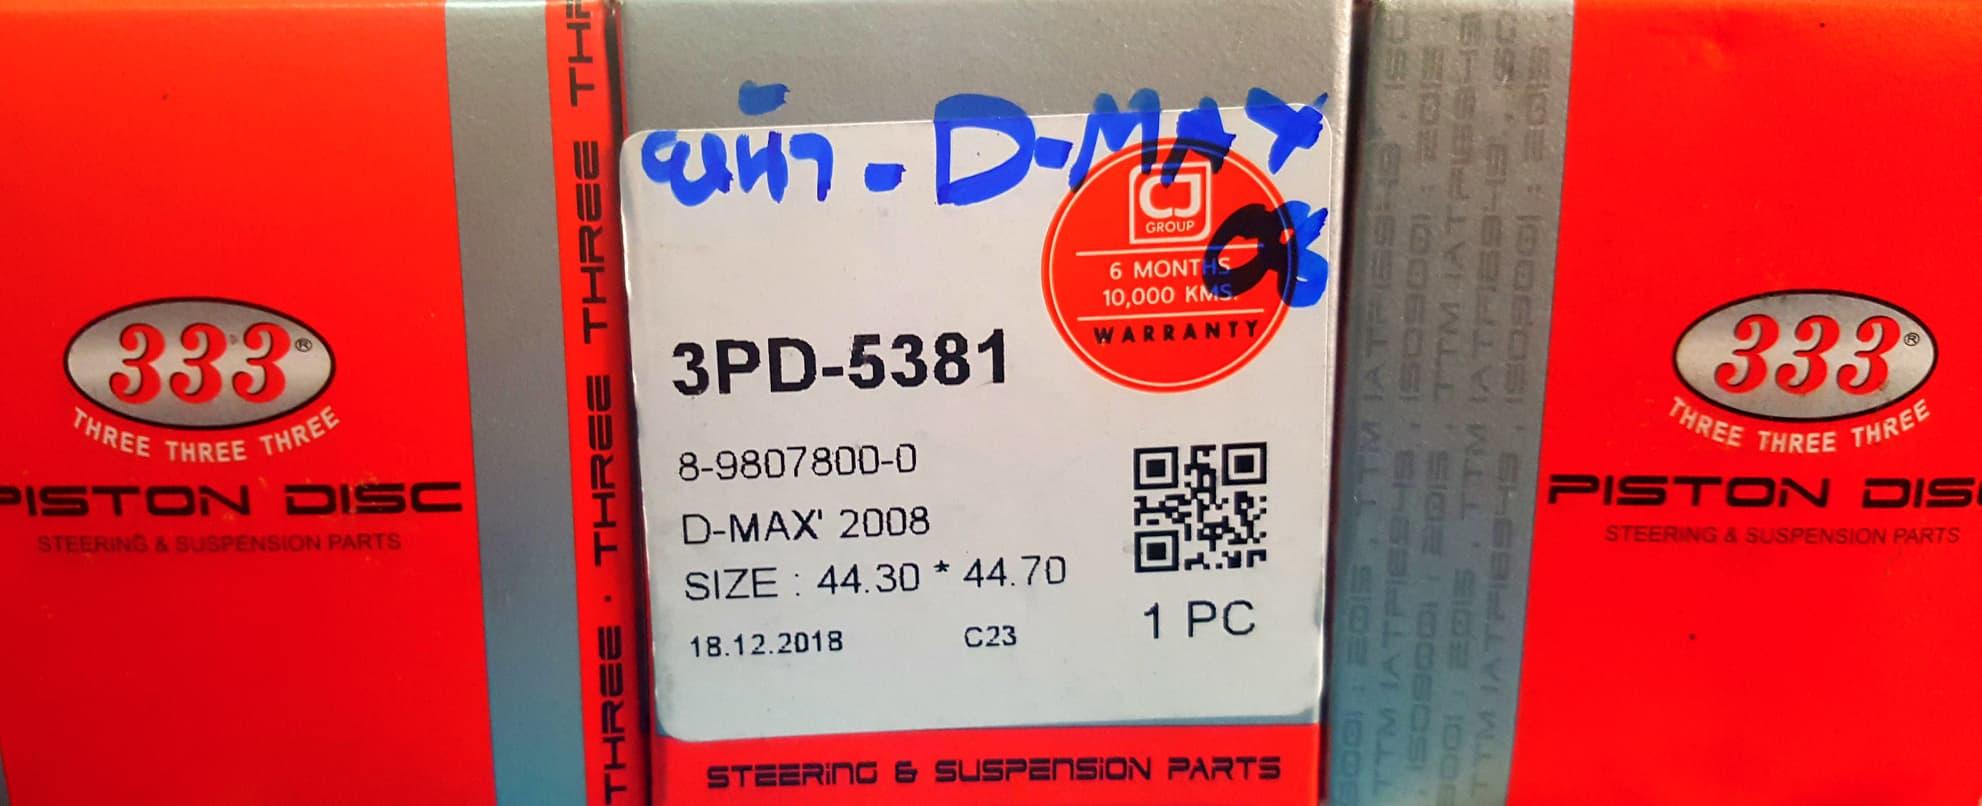 ลูกสูบดิสเบรค หน้า D-max 08 กว้าง 44 มิล /สูง 45 มิล